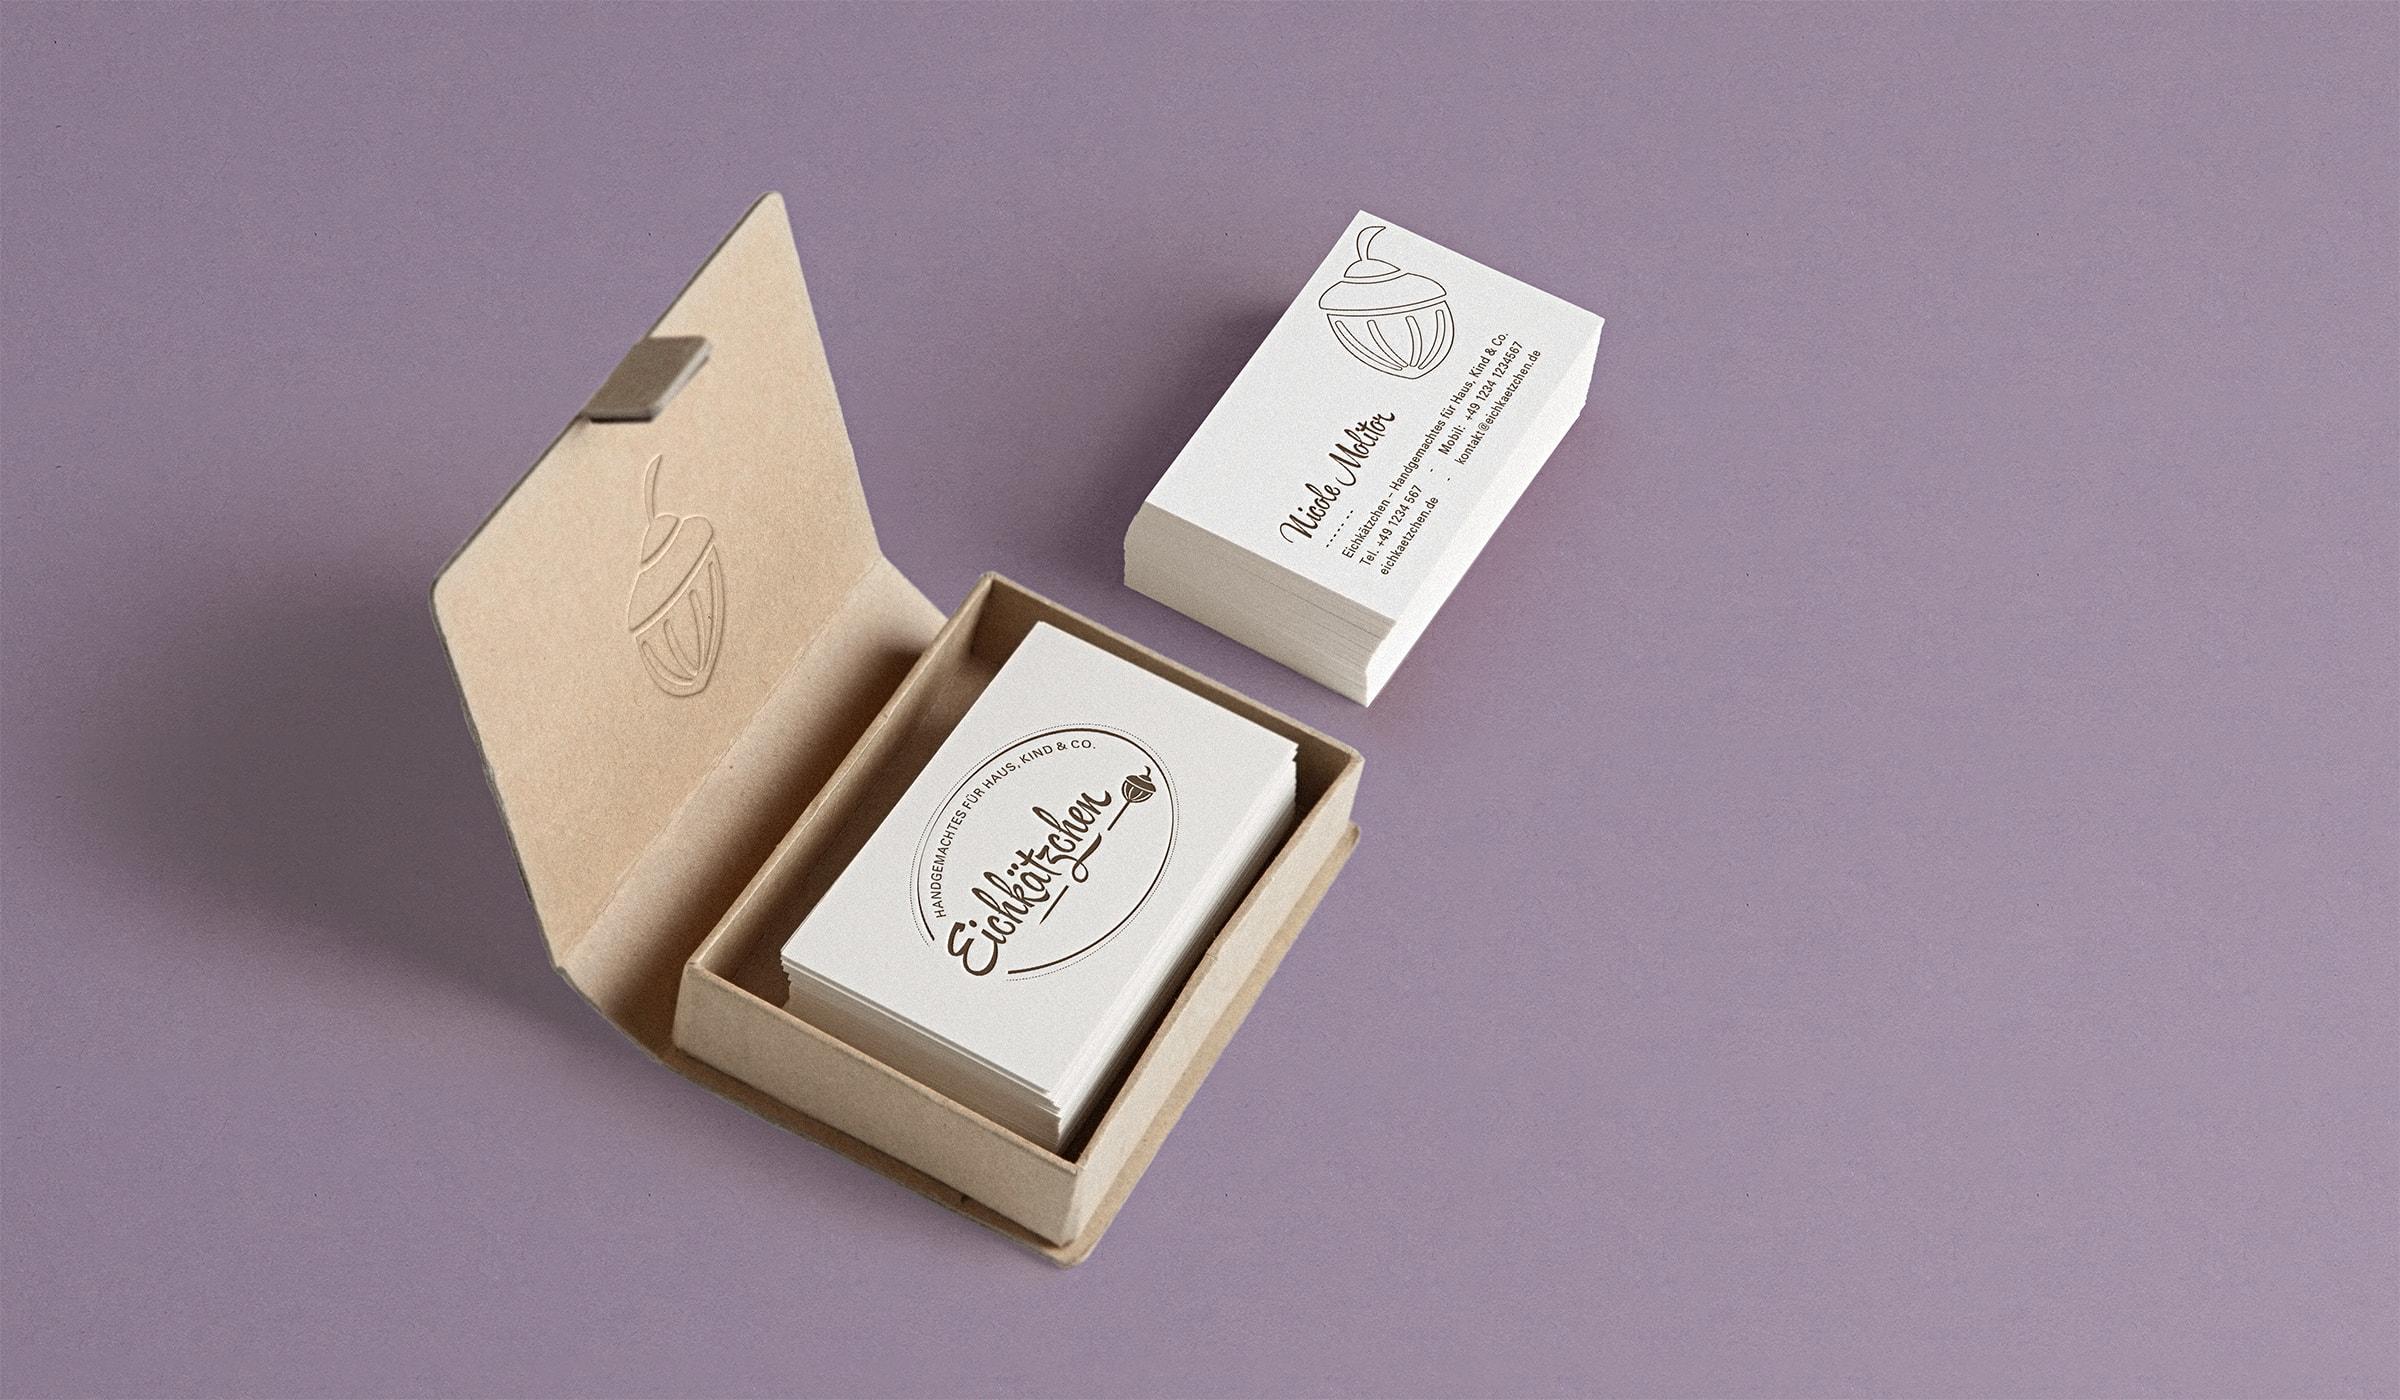 Das Corporate Design für das Kreativteam folgt der Brand Identity und zeigt sich nachhaltig, gedruckt auf zu 100% recyceltes Papier. Die Visitenkarten folgen dem Designkonzept. Die Brand Identity wurde durch die Designagentur mieker - Konzept Design Strategie konzipiert. Die Markenentwicklung umfasst: Kommunikationsdesign, Grafikdesign, Branding, Brand- und Corporate Design, Namensentwicklung und Logodesign, Label Design, Keyvisuals, Etiketten, Tragetaschen, Visitenkarten, Werbemittel, Werbung. Regionen: Hermeskeil, Hochwald, Saarbrücken, Trier, Luxembourg, Koblenz, Bonn, Köln, Mannheim.